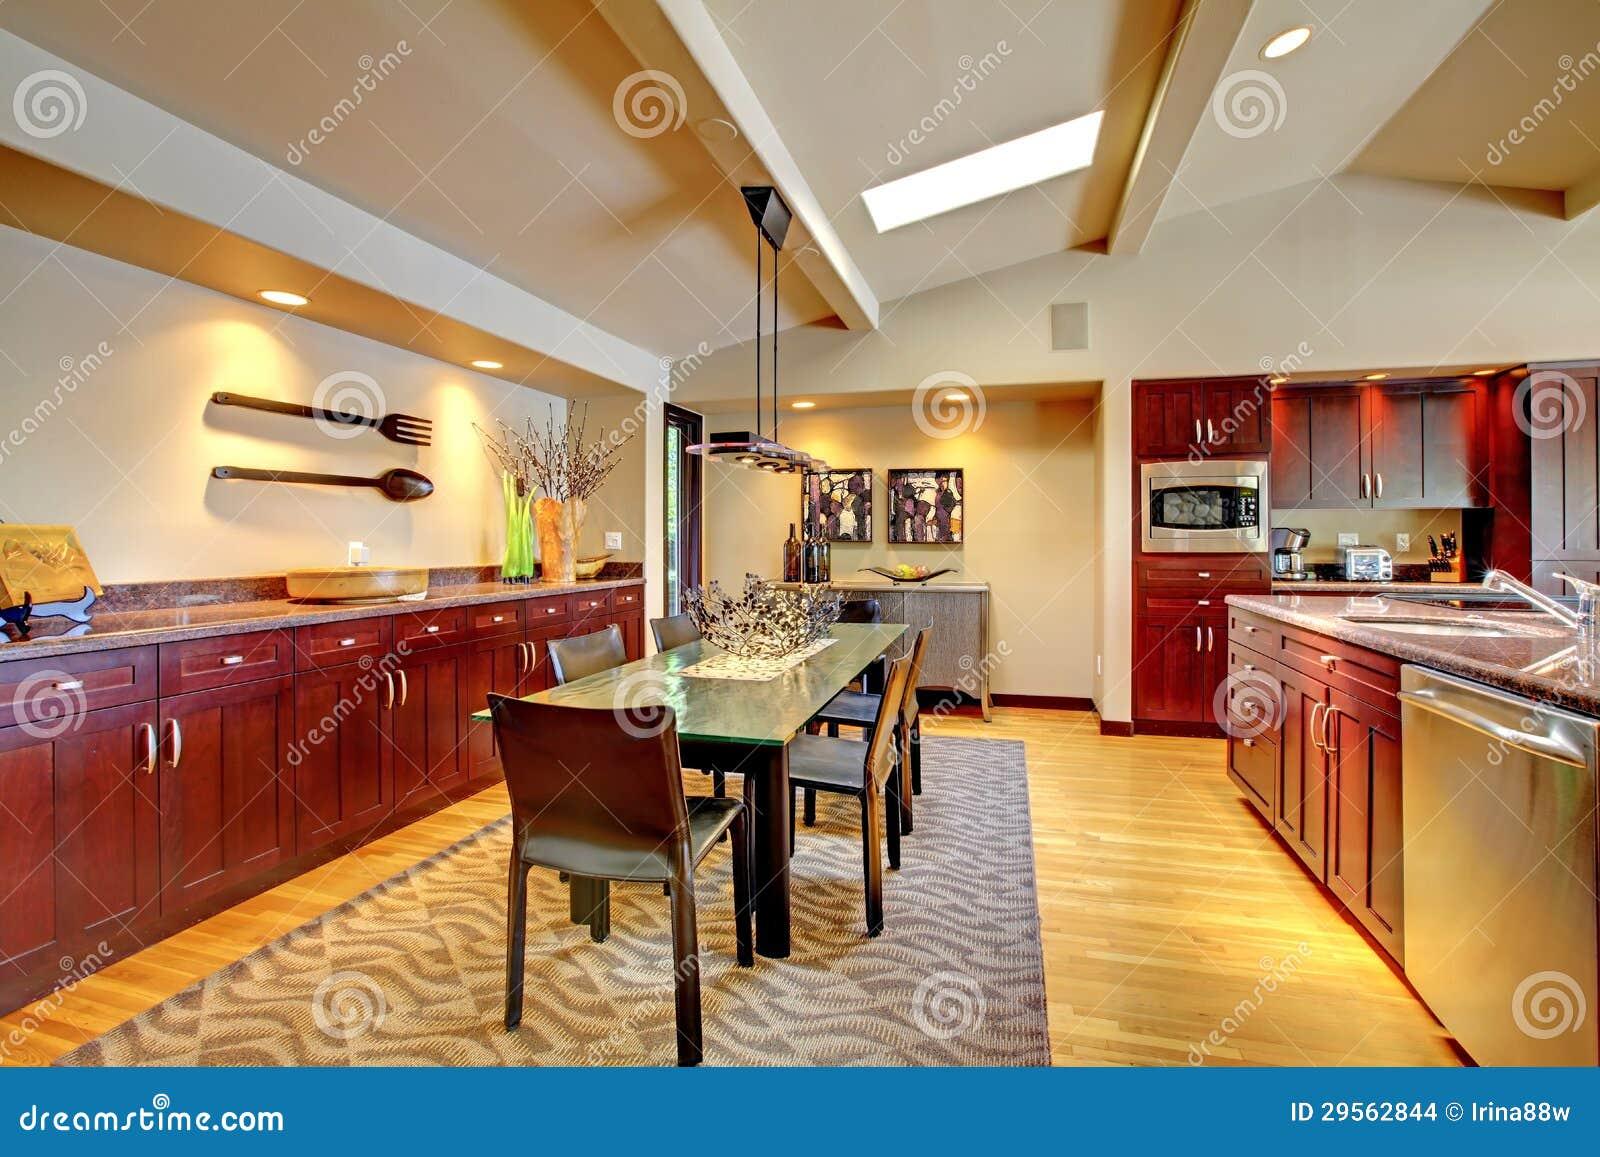 Lyxig modern matsal med mahognykök. arkivbilder   bild: 29562844